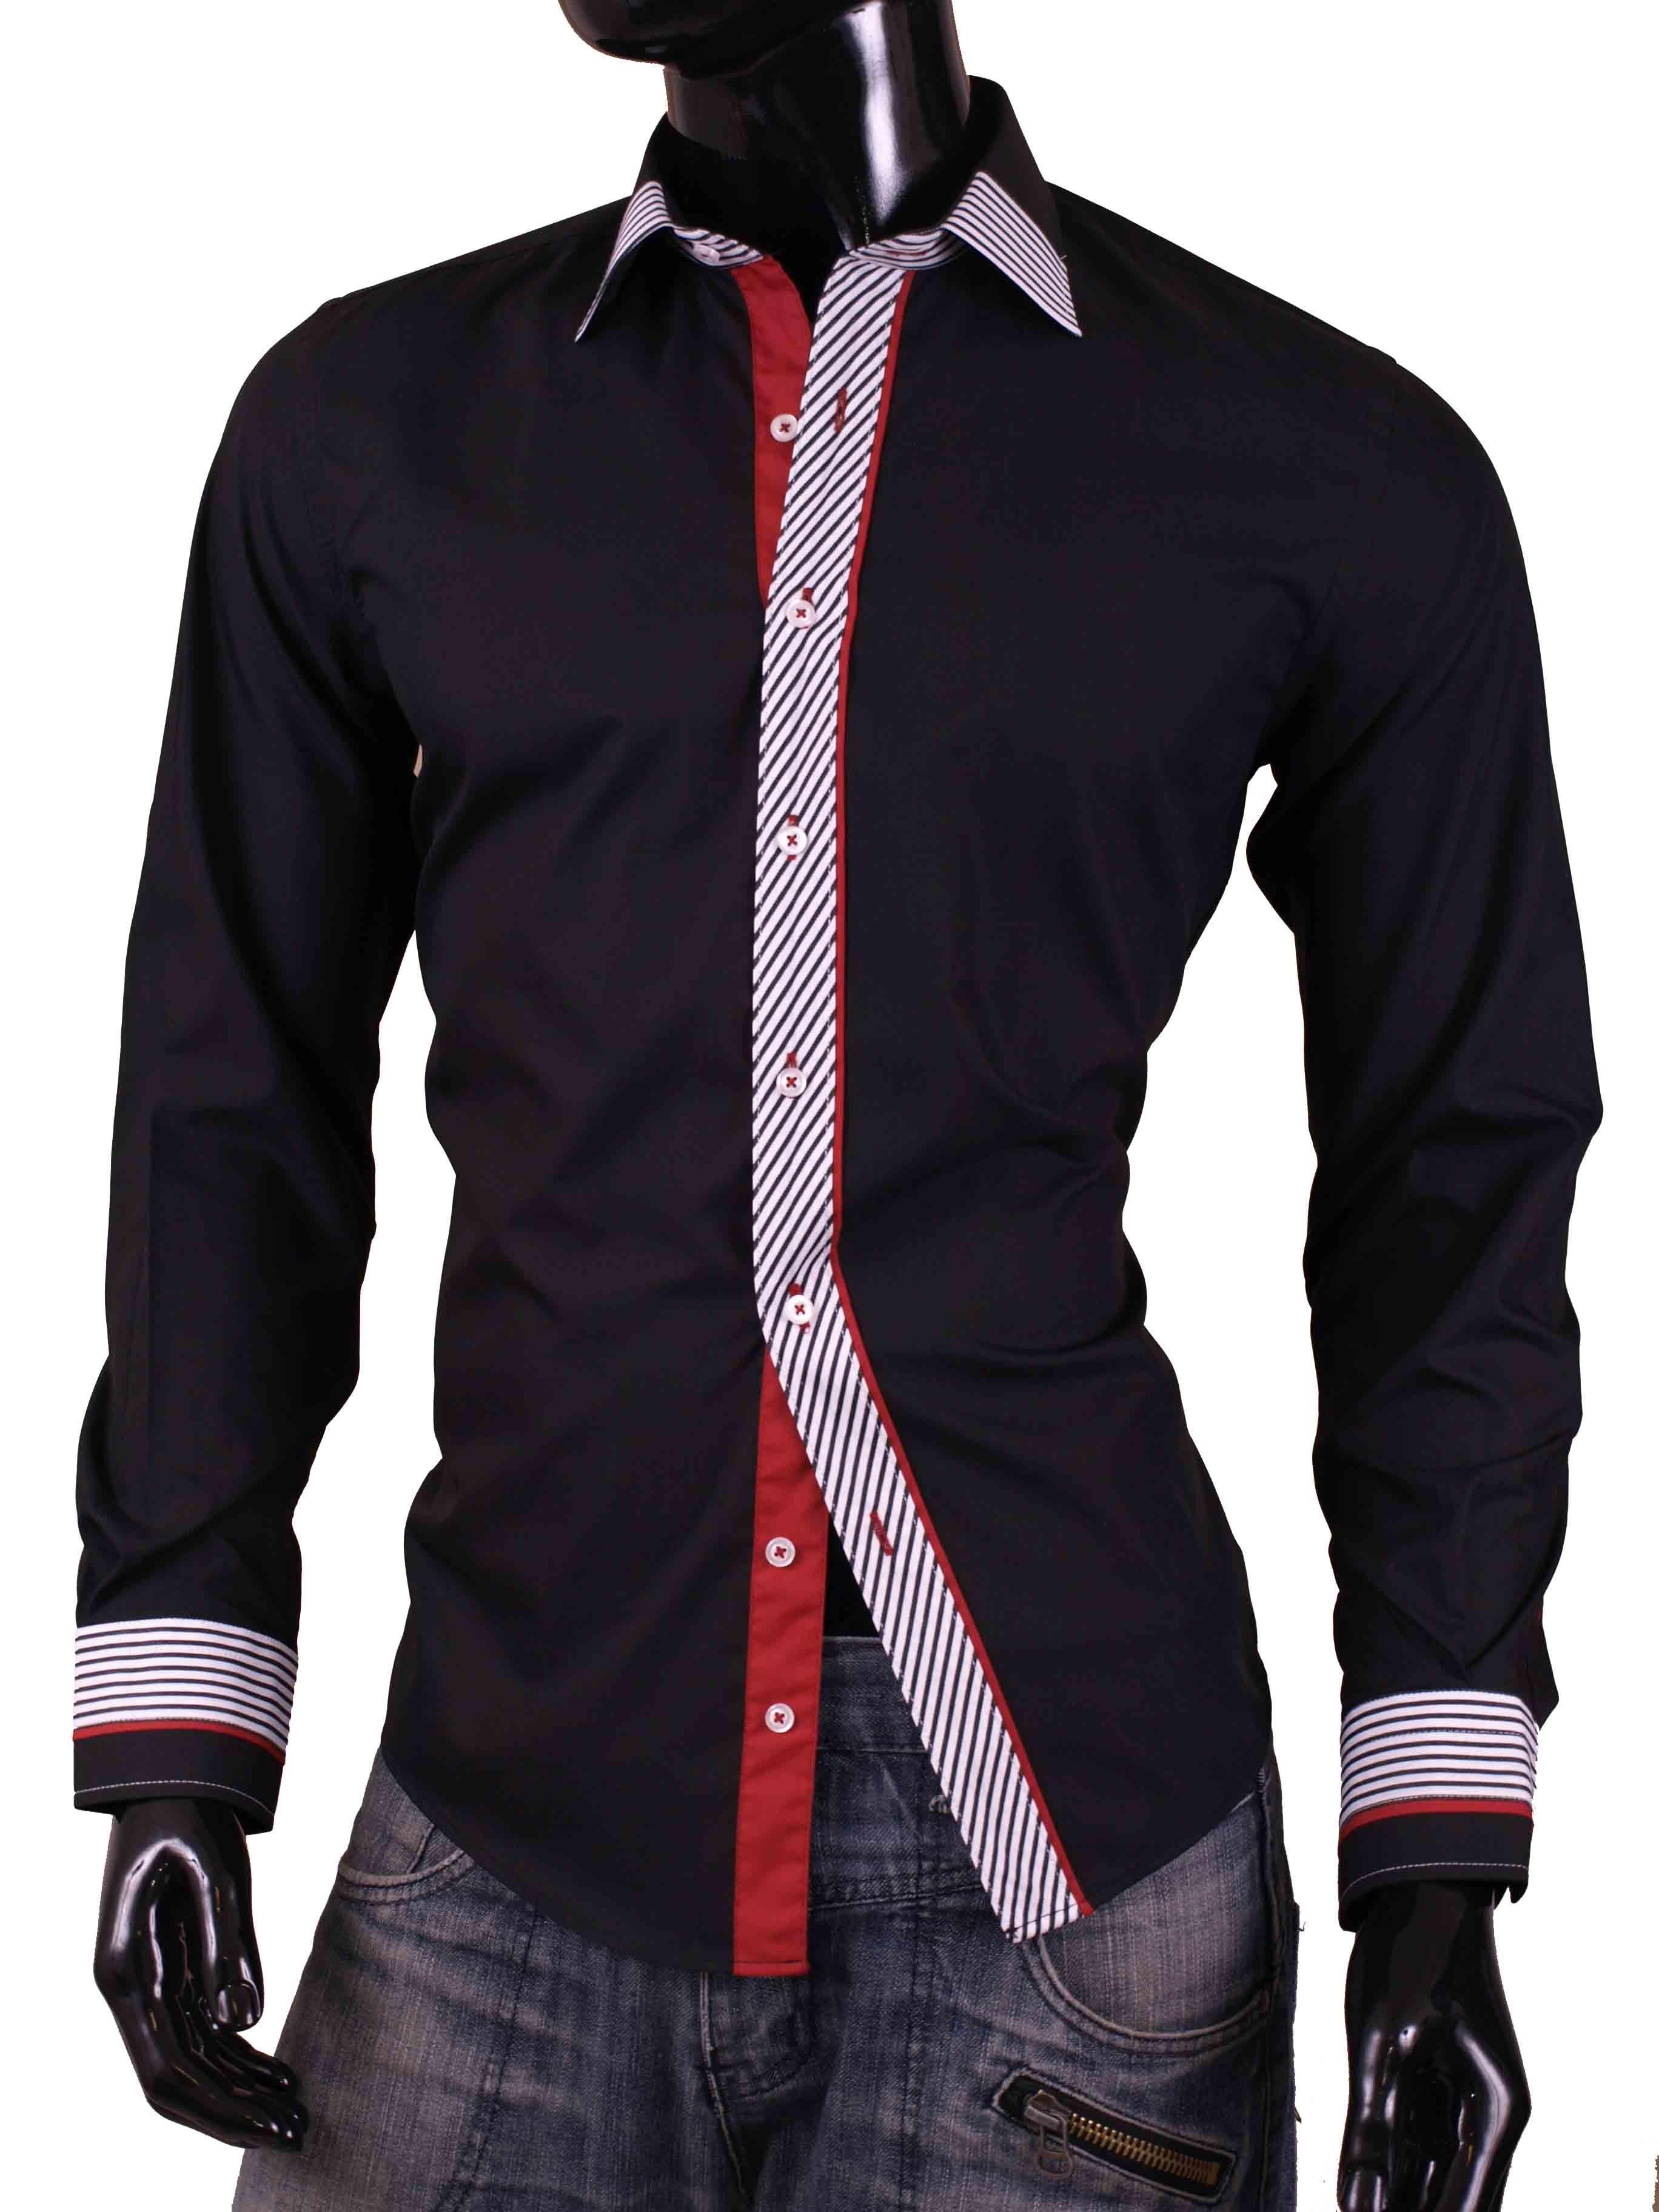 Pánské košile Egoman černá s bíločervenými prvky